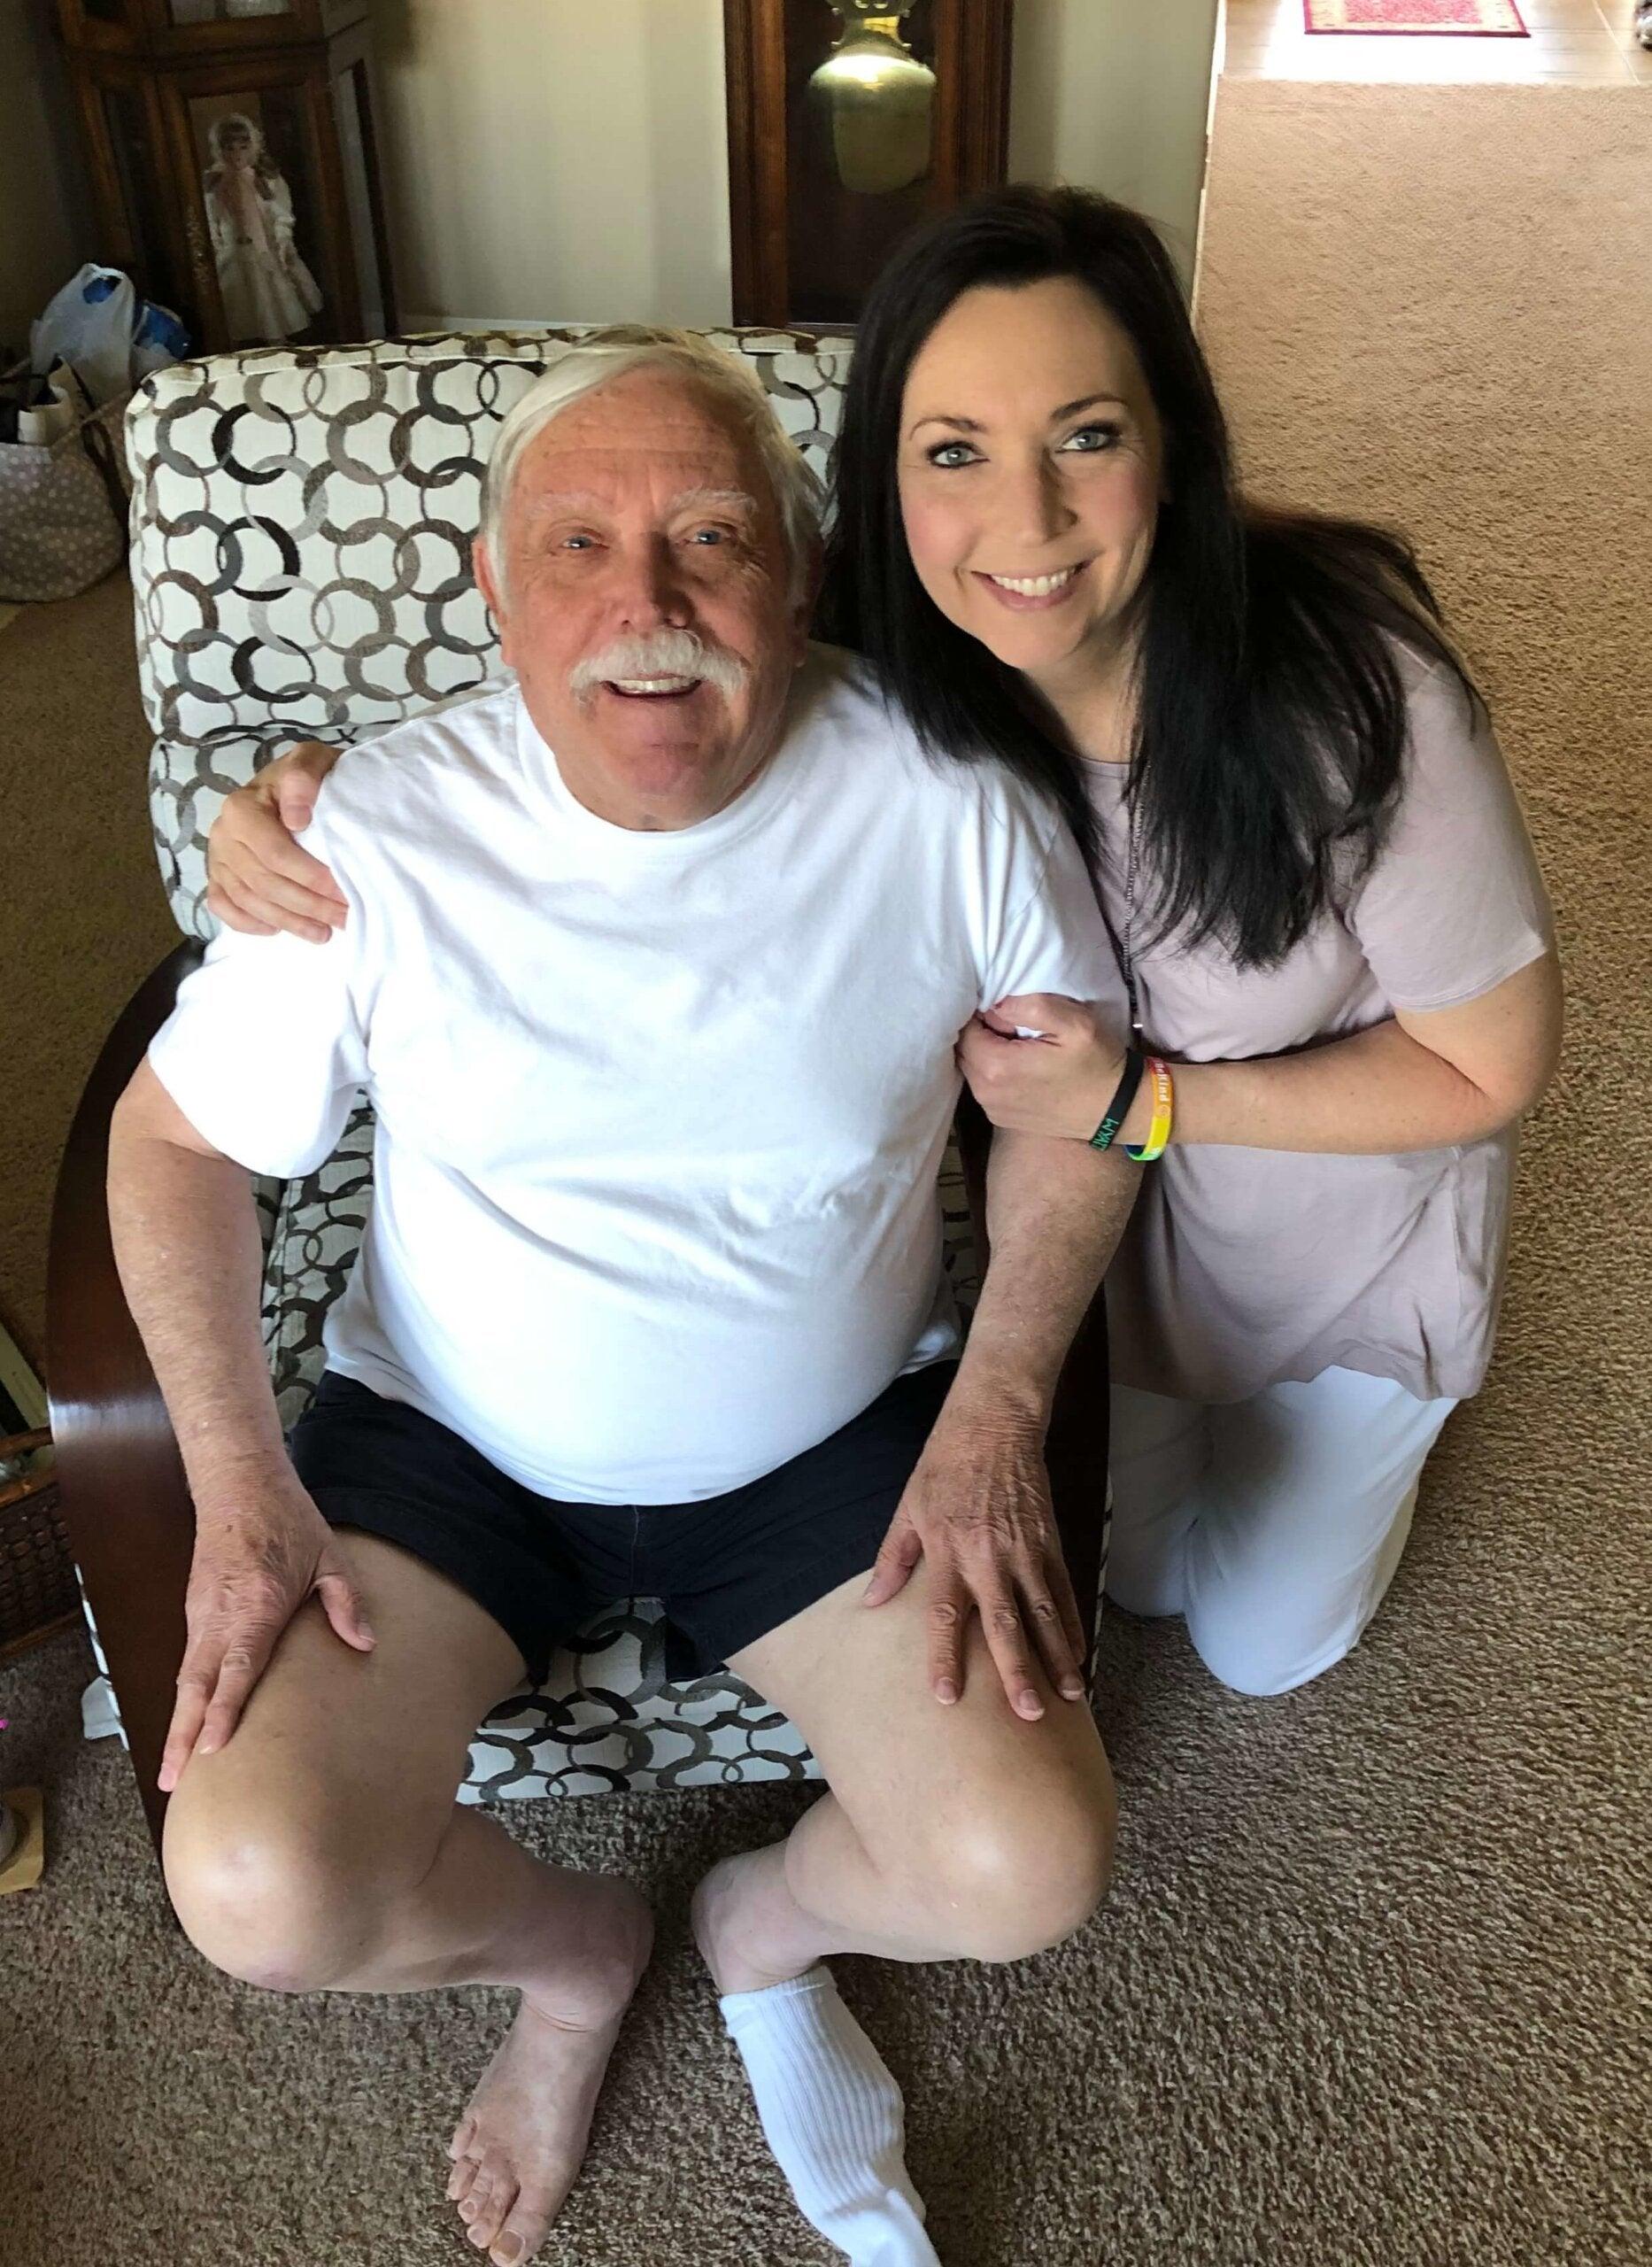 John Menke and his daughter Kelly